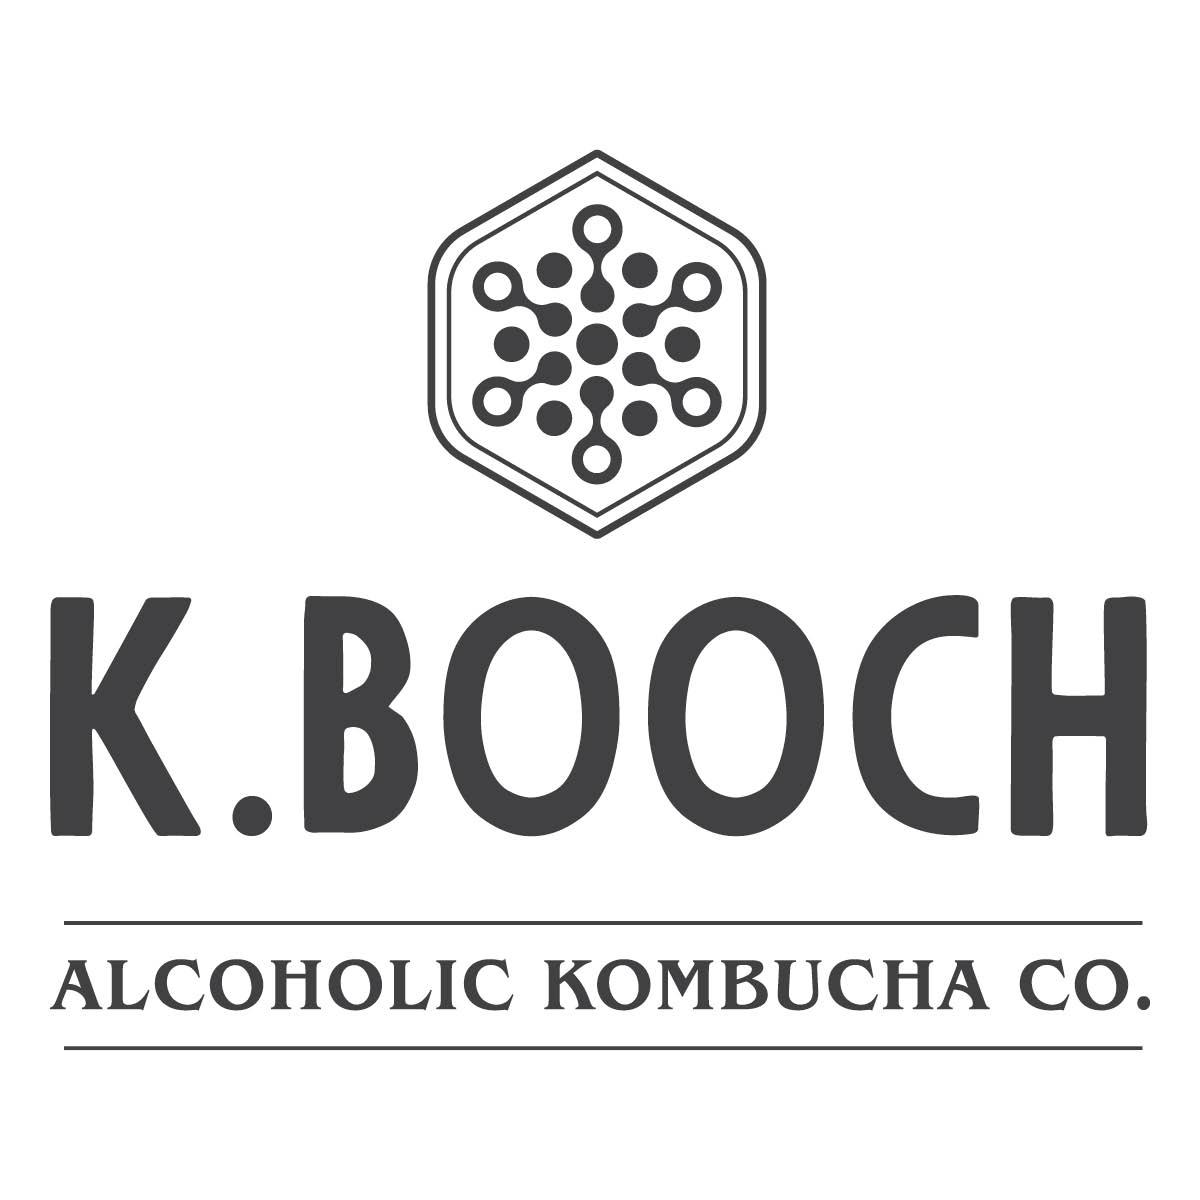 Kbooch